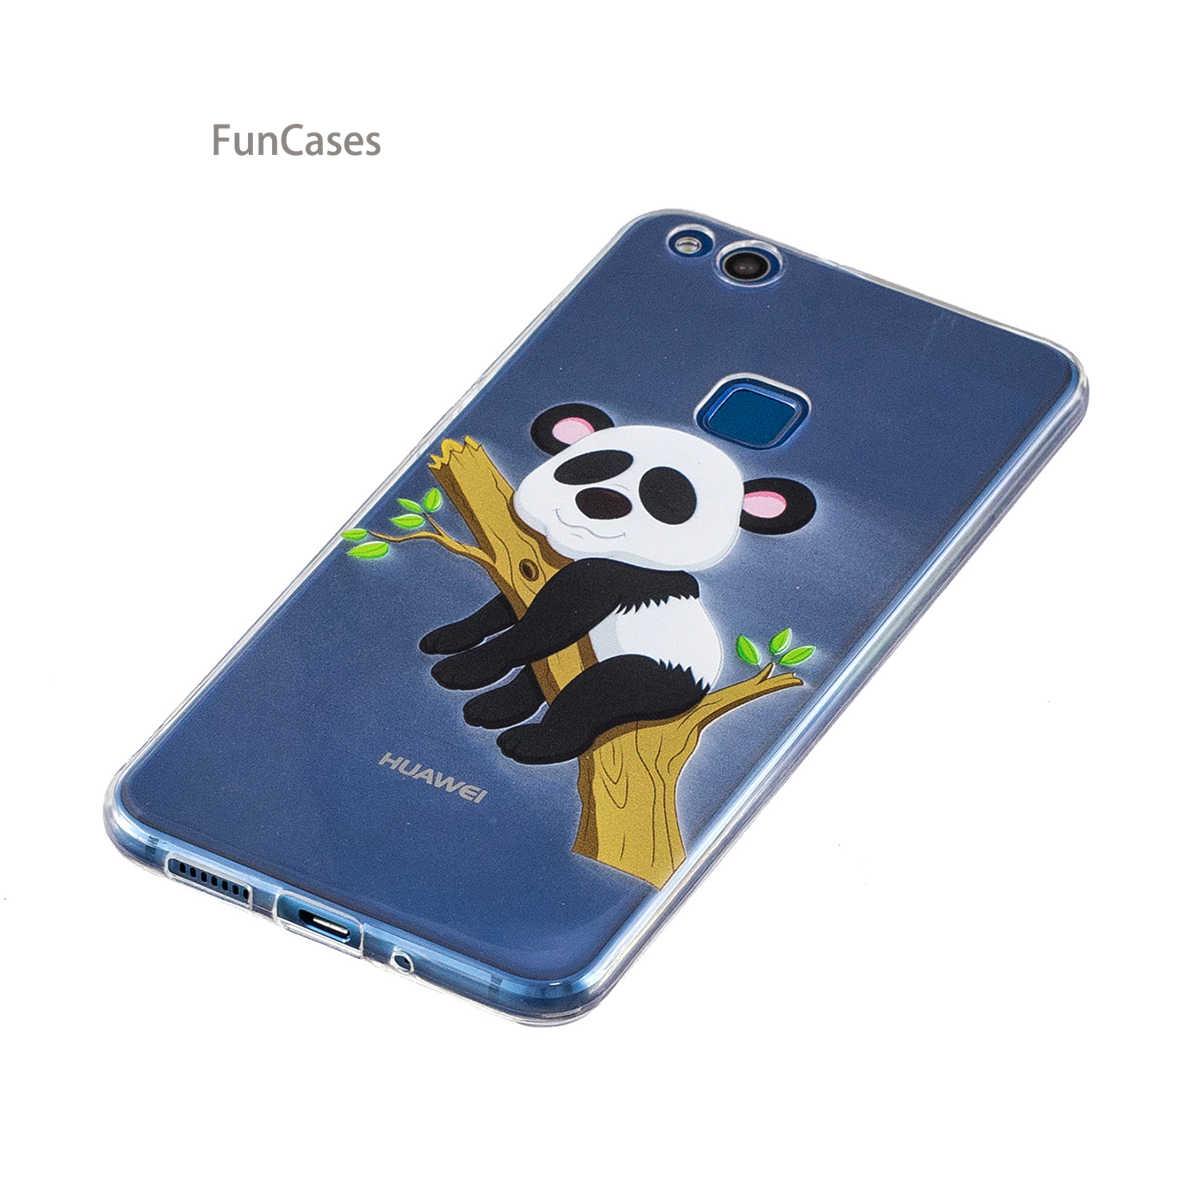 ยูนิคอร์นน่ารักsFor C Elularหัวเว่ยP10 Liteซอฟท์ซิลิโคนโทรศัพท์กรณีCasoใสกรณีกระเป๋าสตางค์สำหรับหัวเว่ยAscendโนวาLite